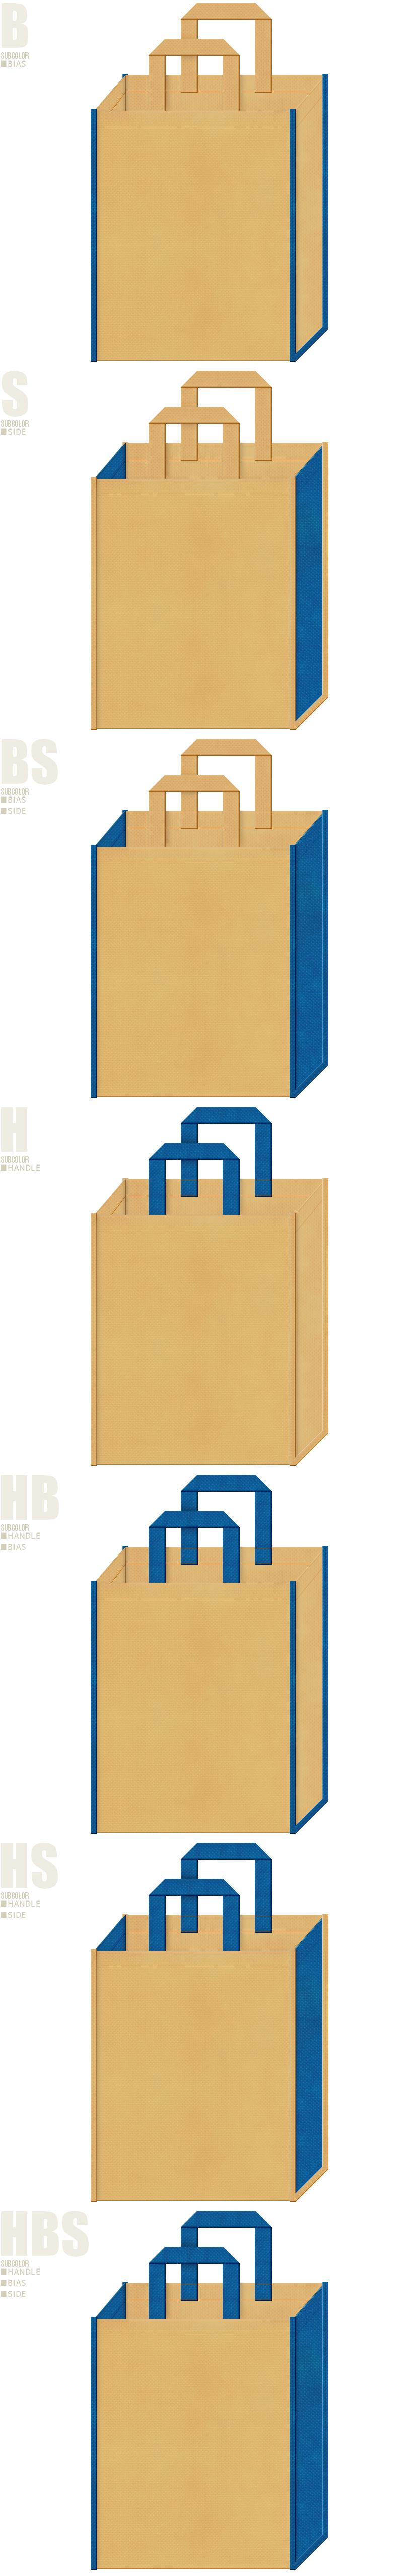 不織布バッグのデザイン:薄黄土色と青色の配色7パターン